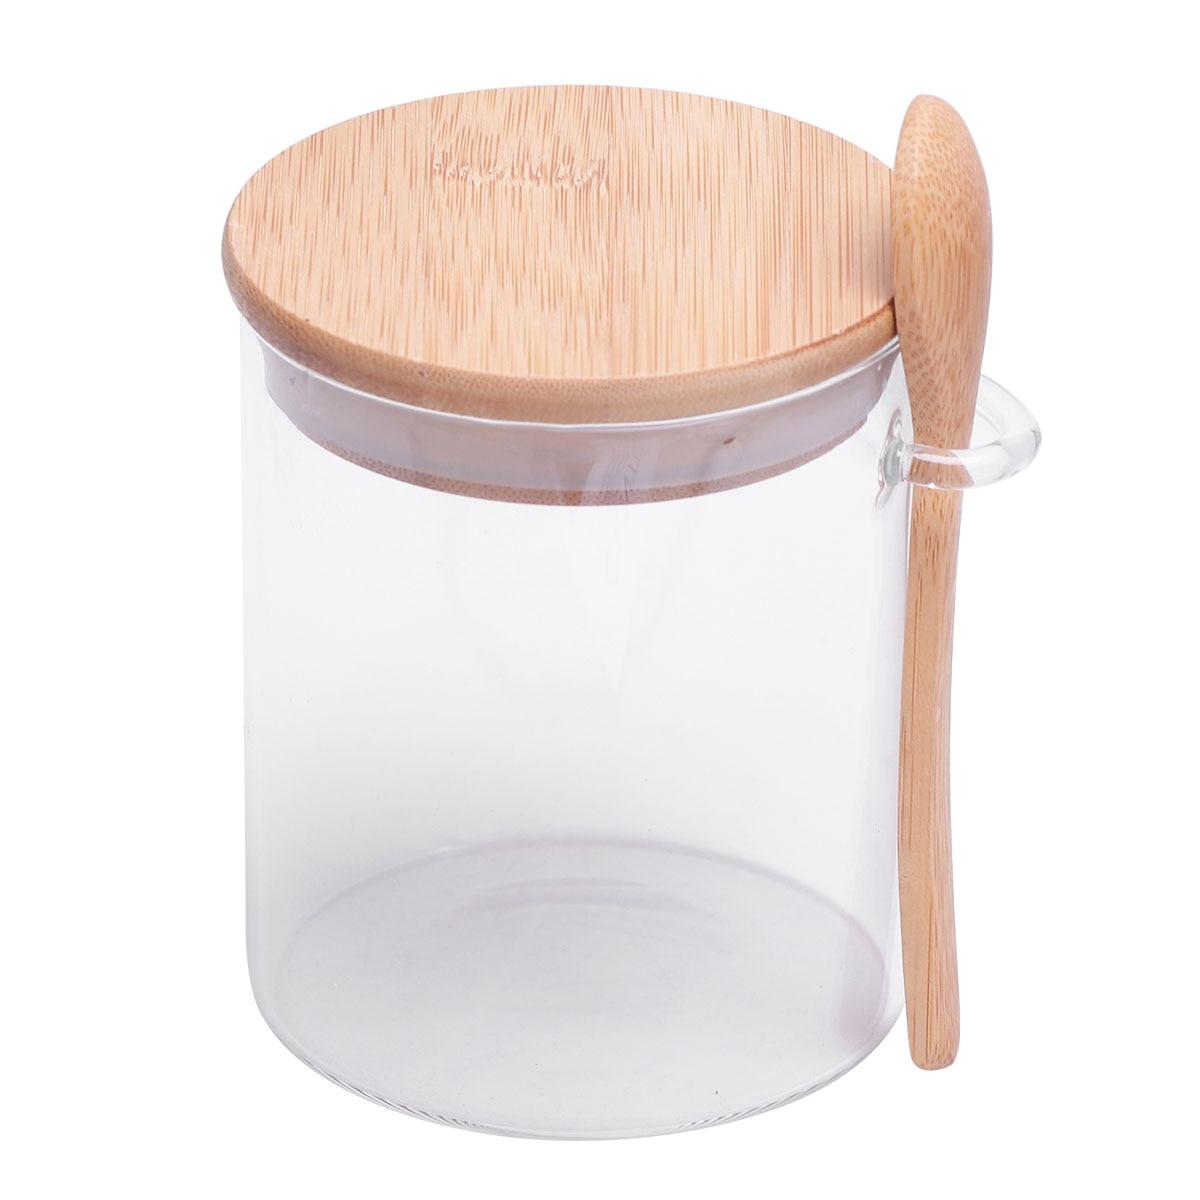 1 шт. стеклянная банка, прозрачный контейнер для хранения пищевых продуктов с крышкой и ложкой для сахара, соли, кофе, бобов, свободного чая